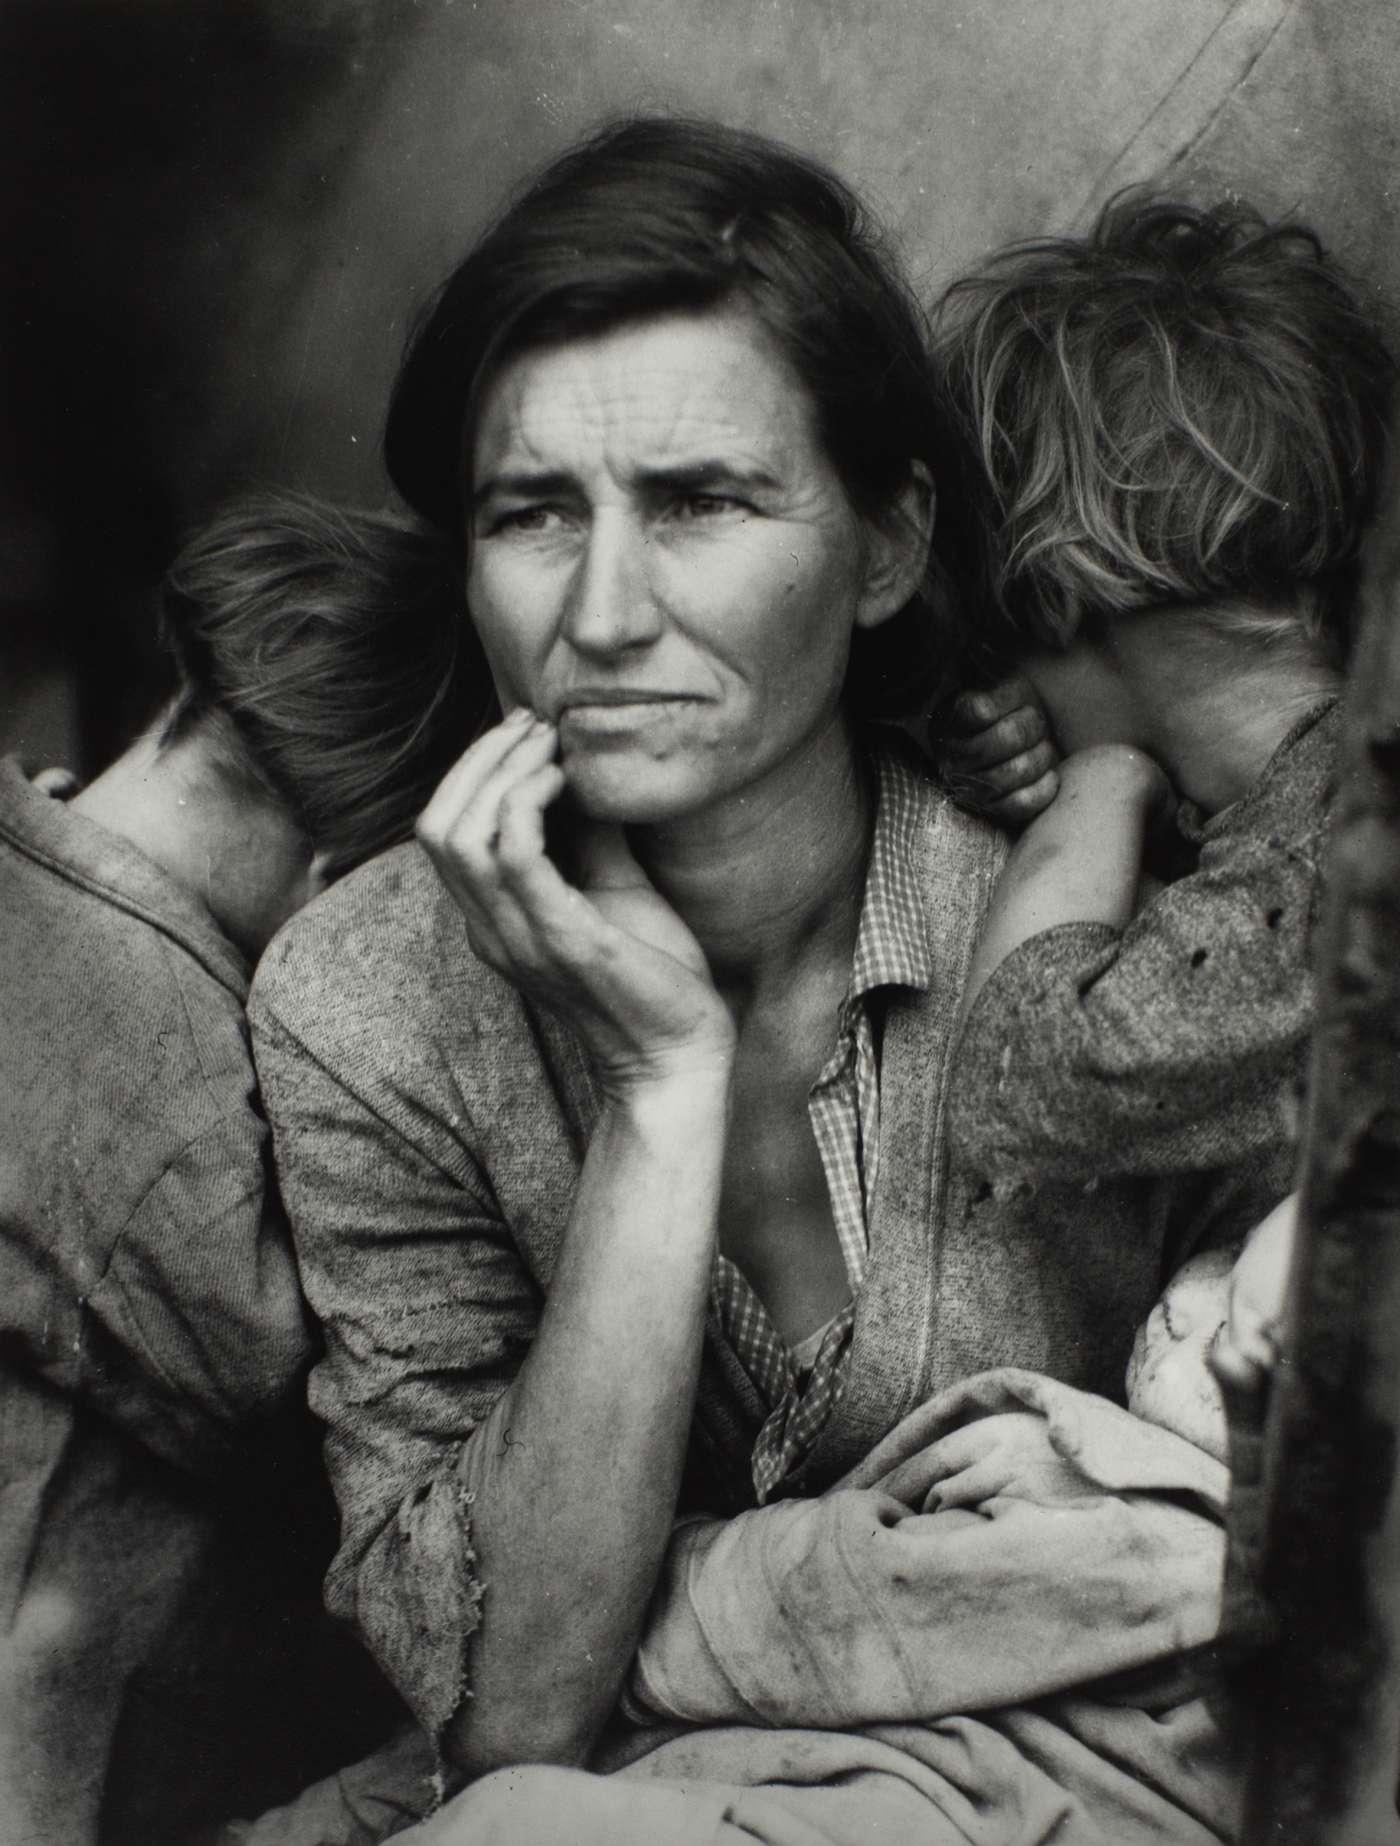 коллекция фотографий Элтона Джона